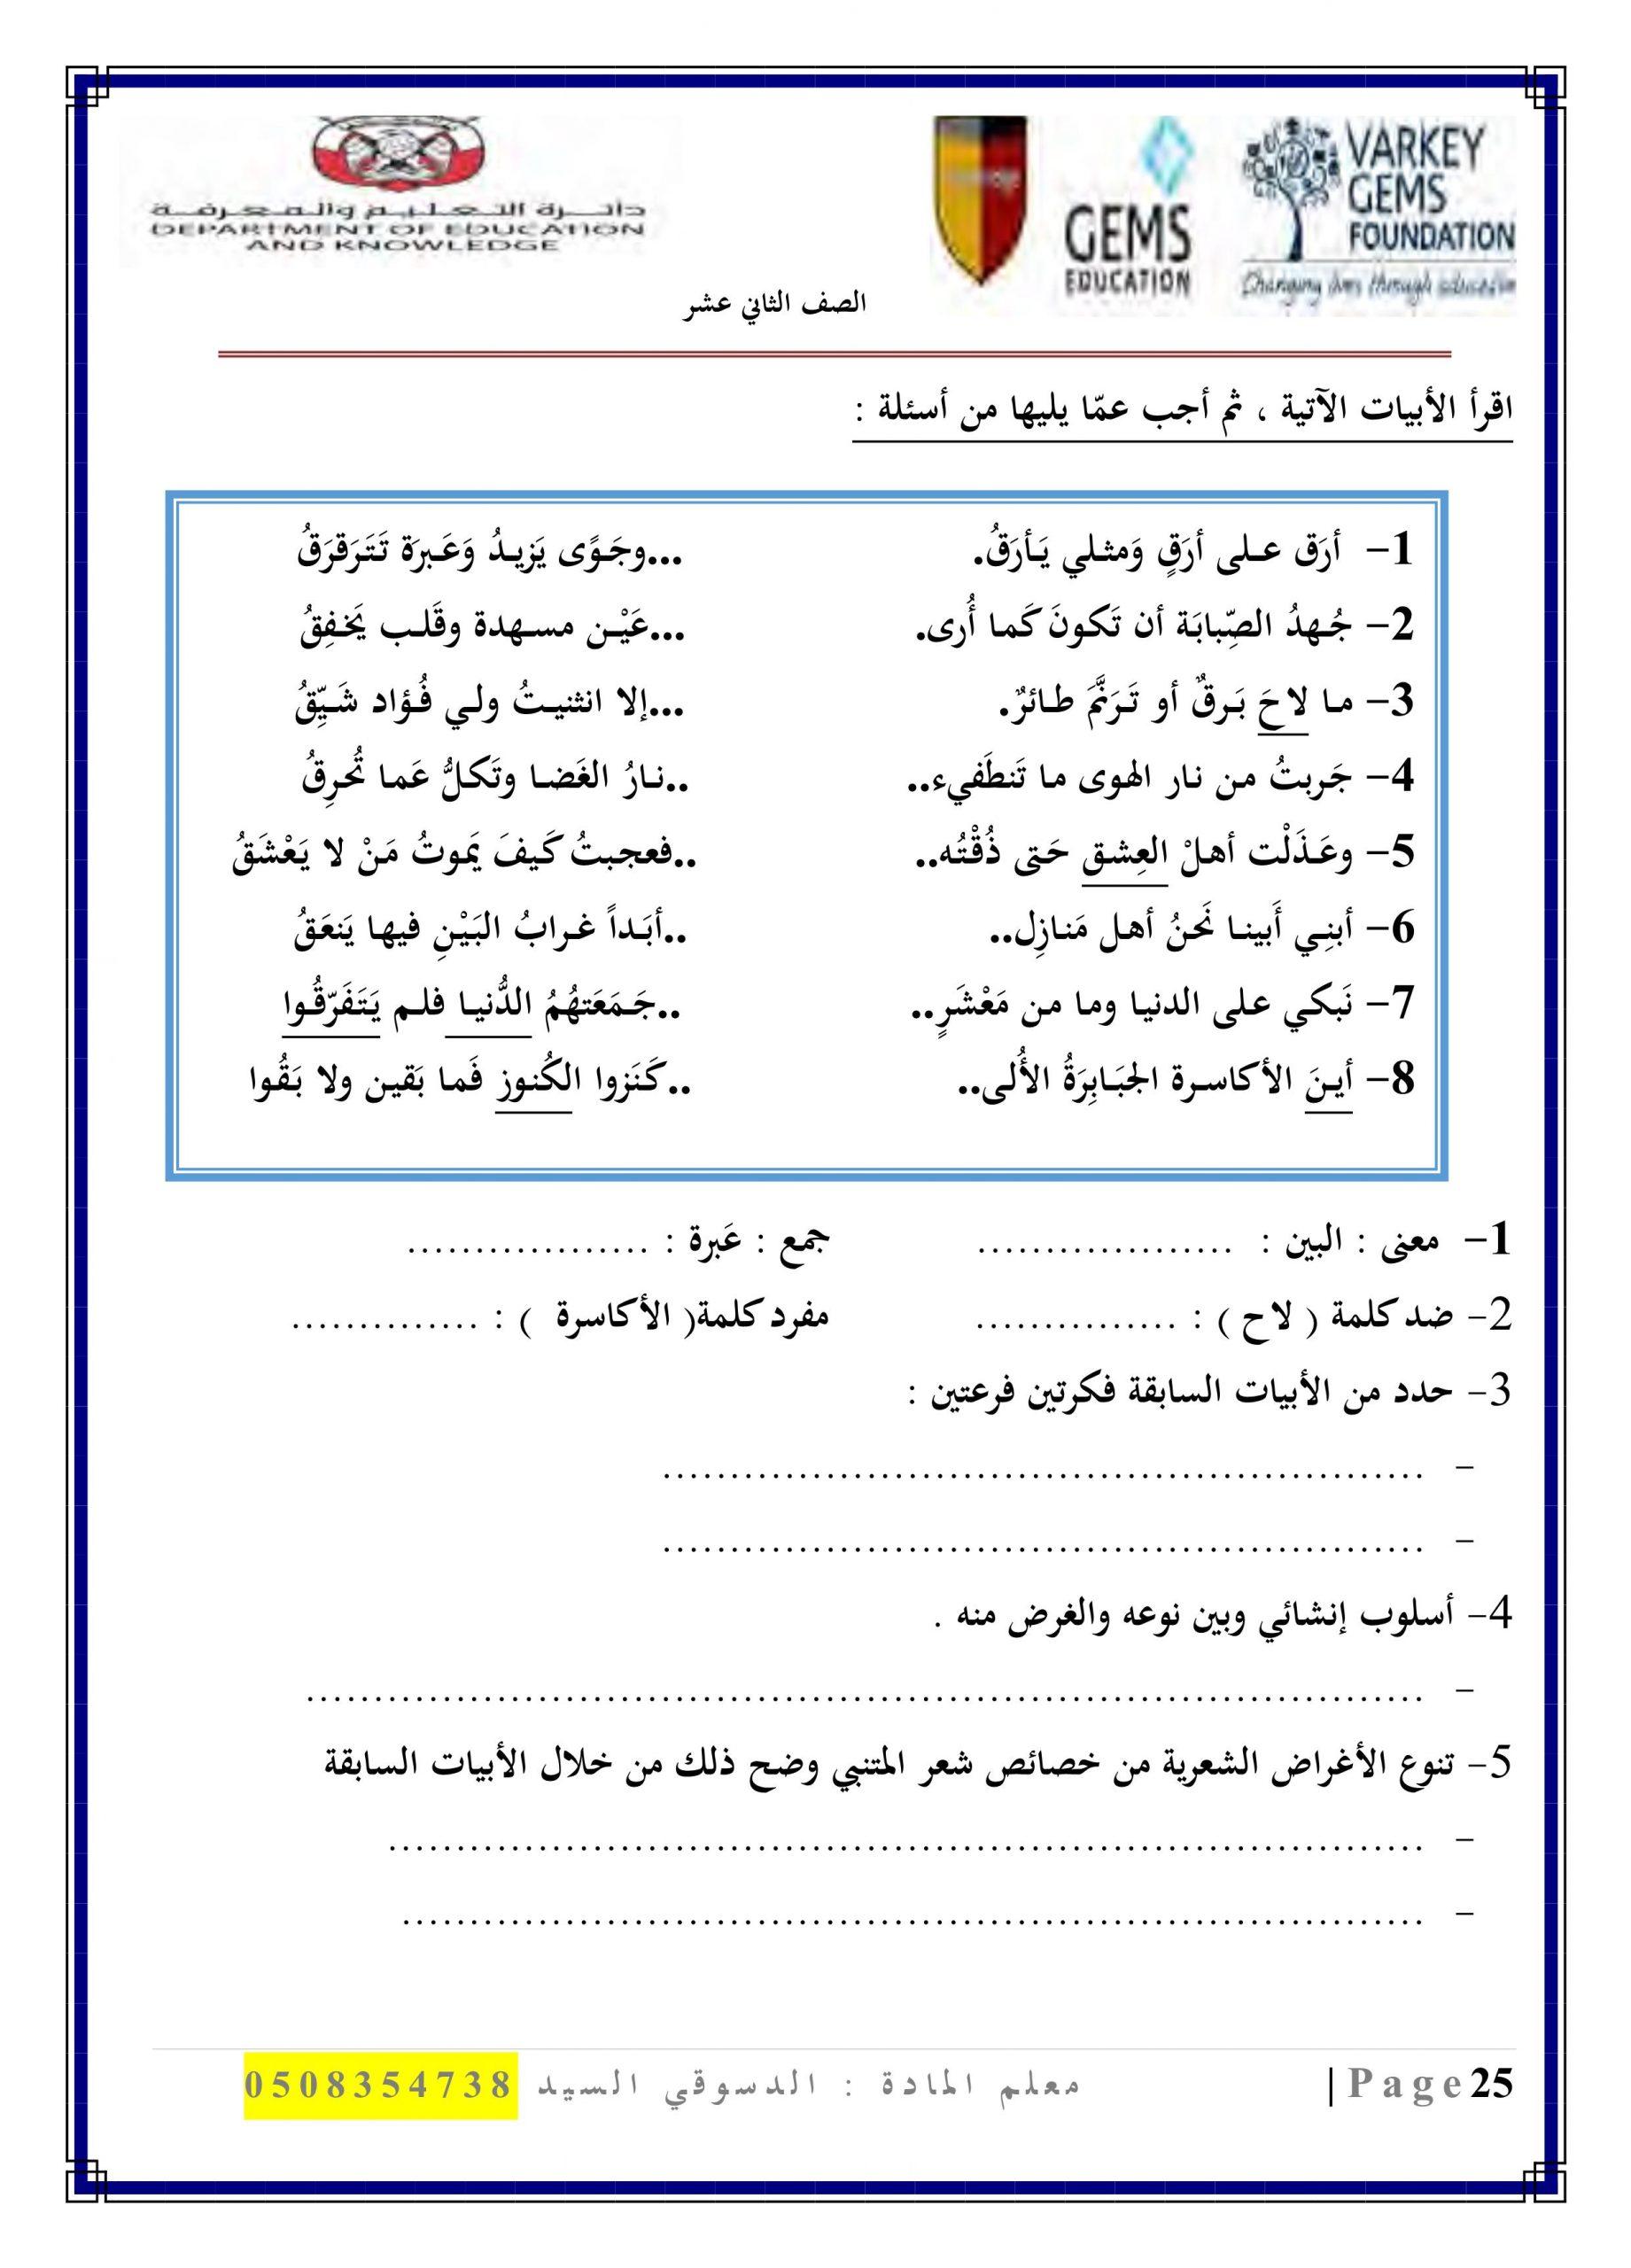 ورقة عمل ارق على ارق الصف الثاني عشر مادة اللغة العربية